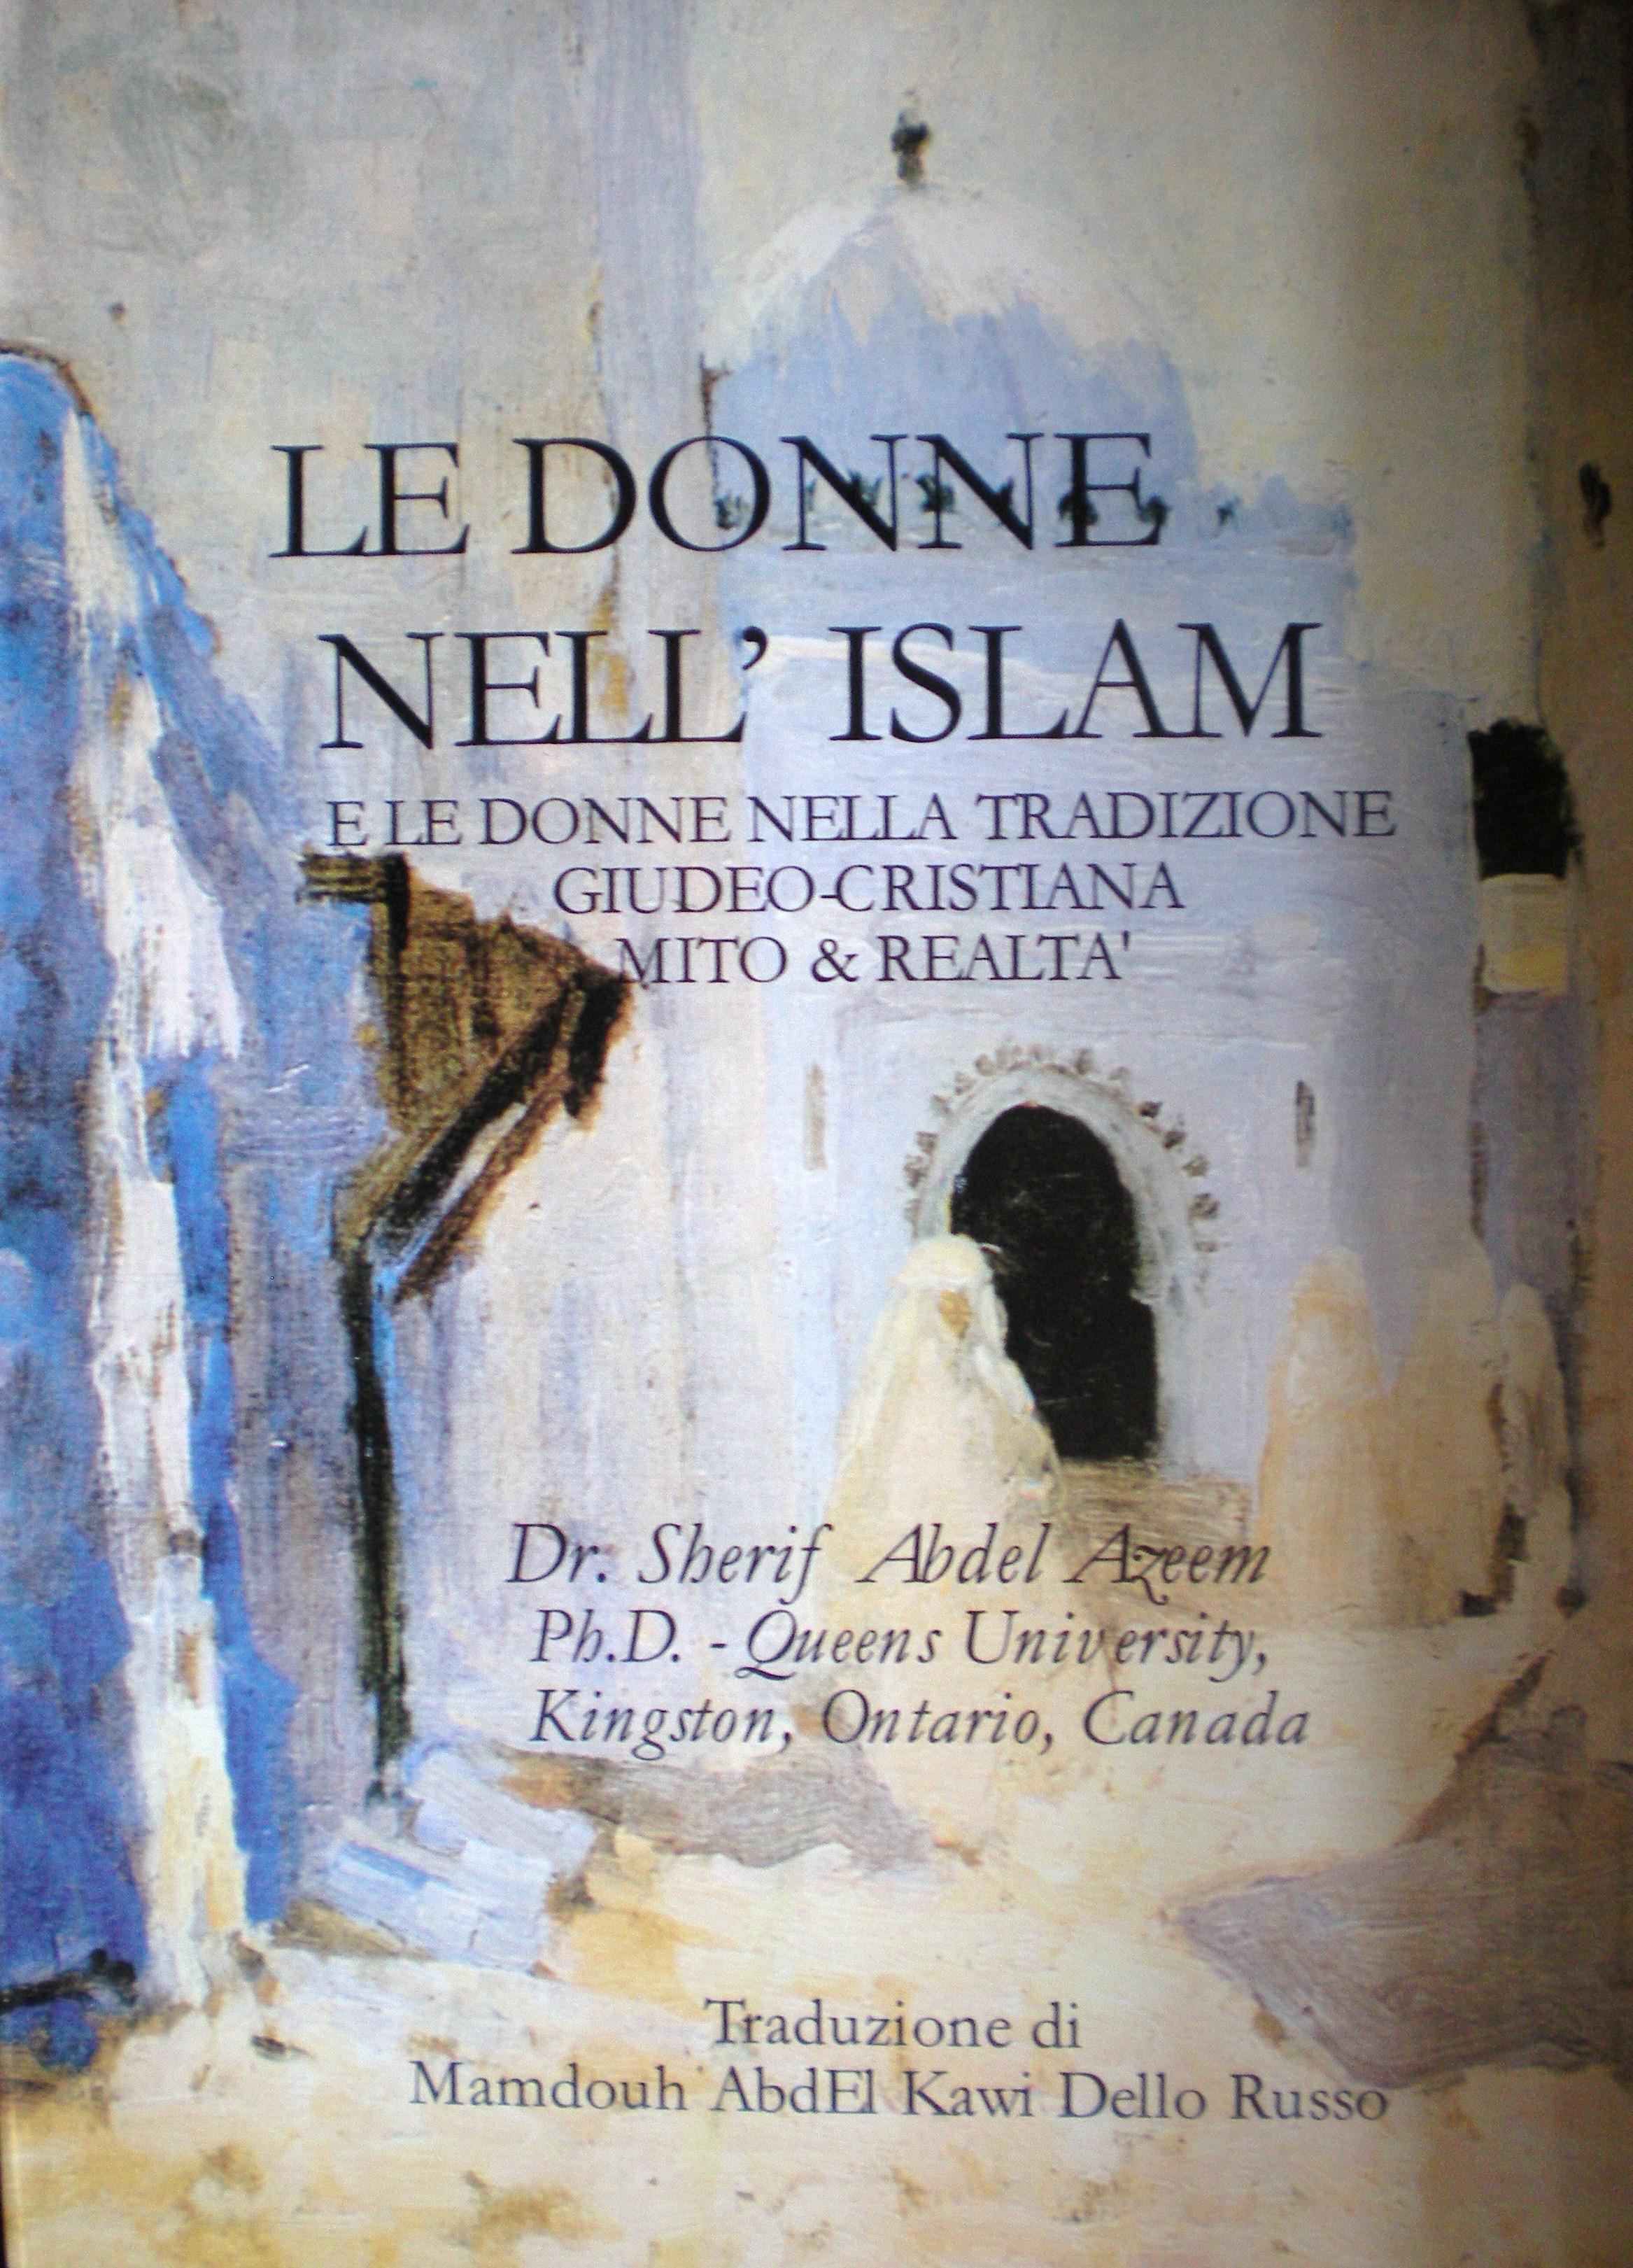 Le donne nell'Islam e le donne nella tradizione giudeo-cristiana